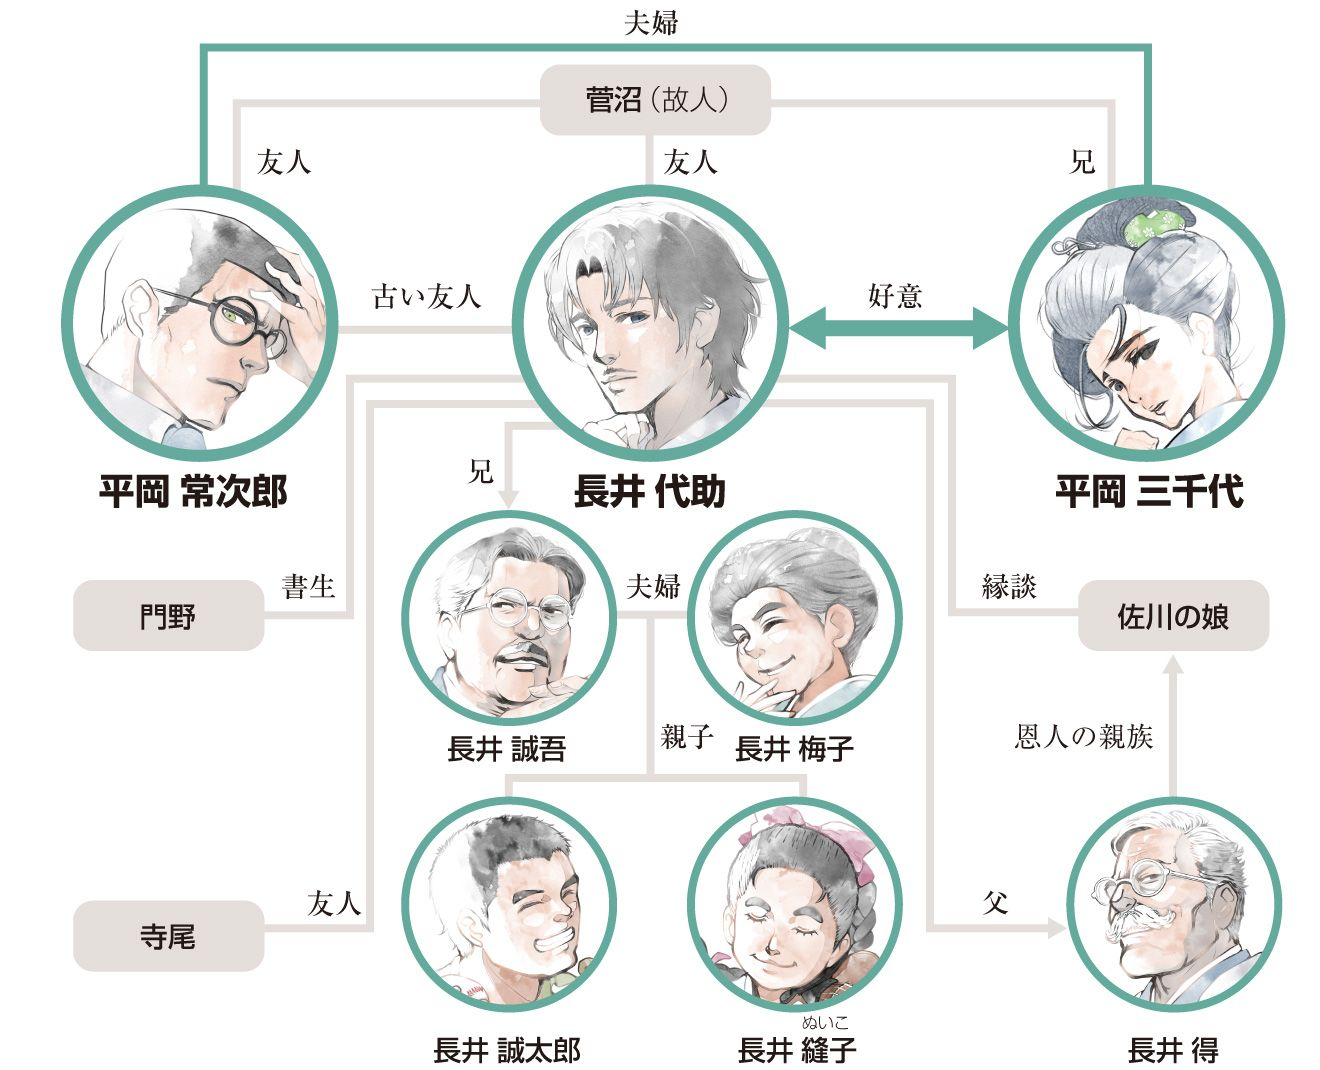 夏目漱石 それから 朝日新聞デジタル 夏目 無心 三四郎